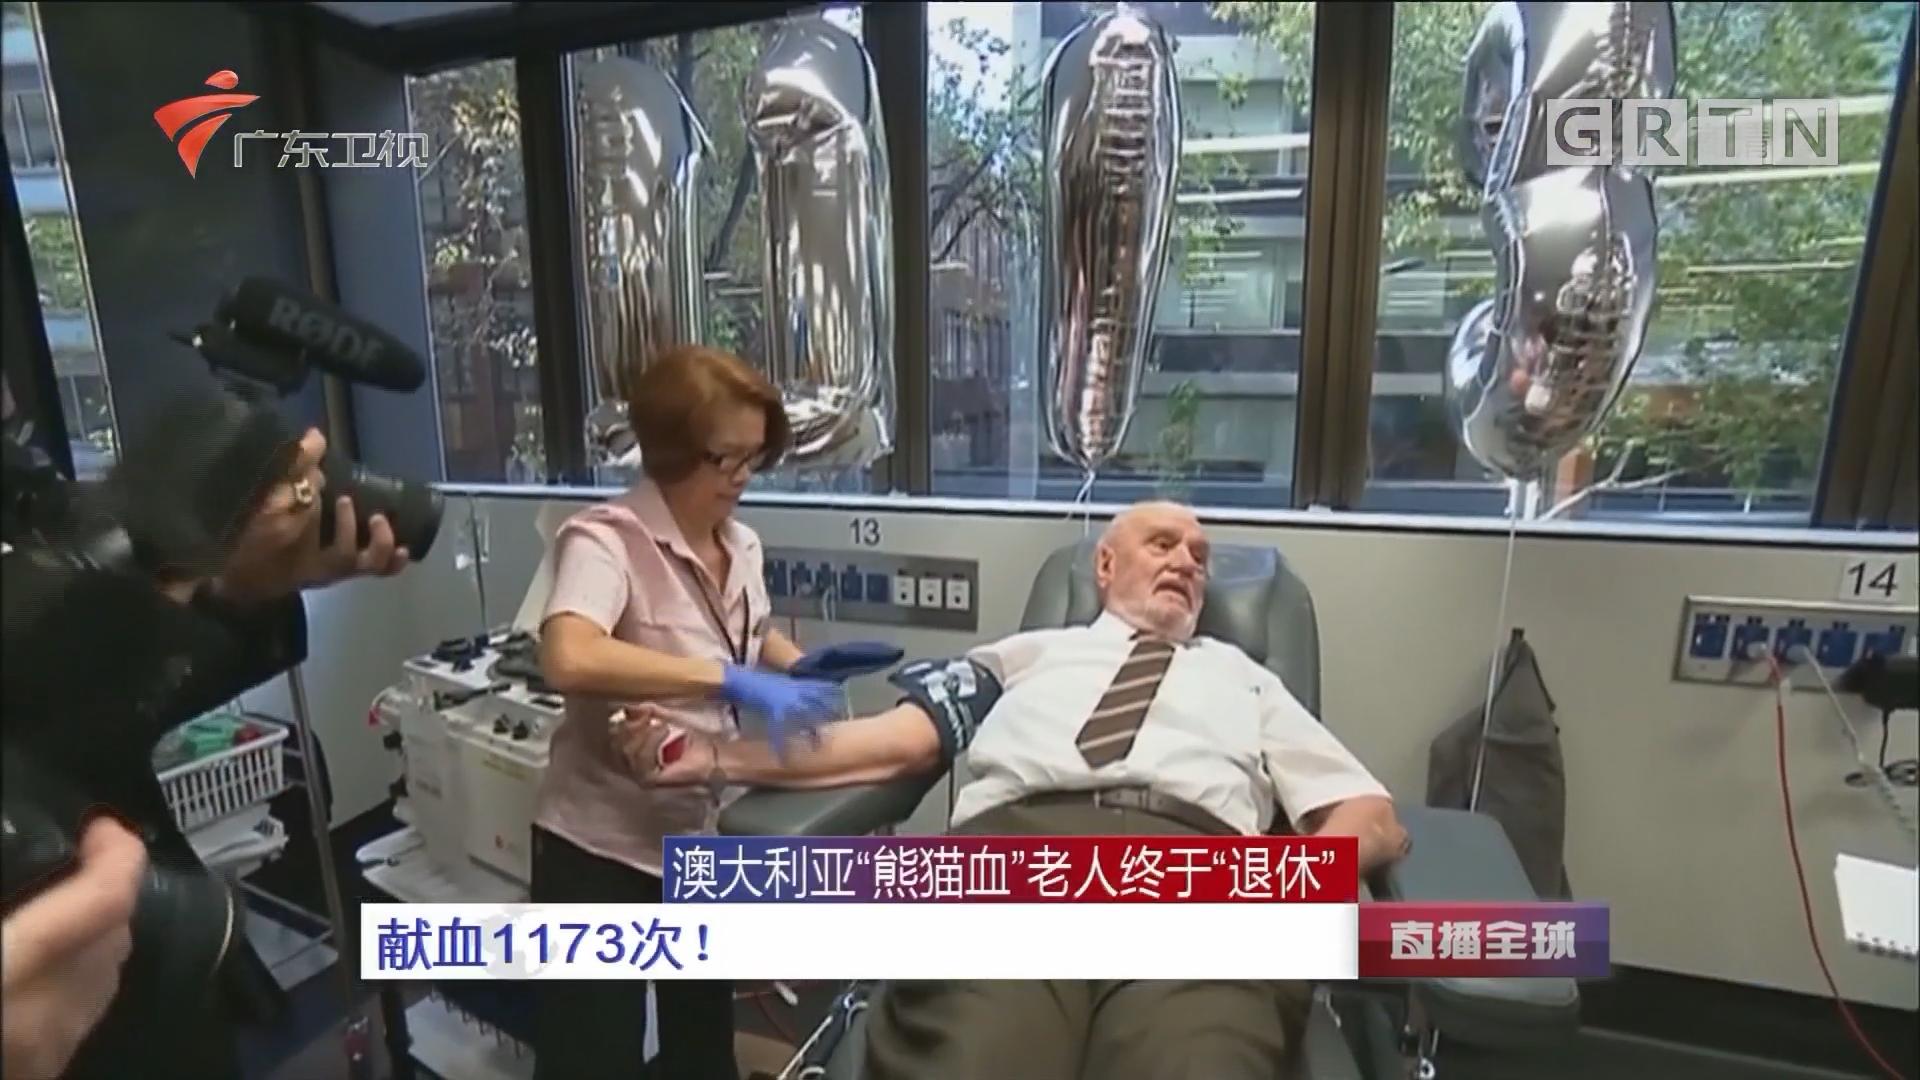 """澳大利亚""""熊猫血""""老人终于""""退休"""" 献血1173次!"""